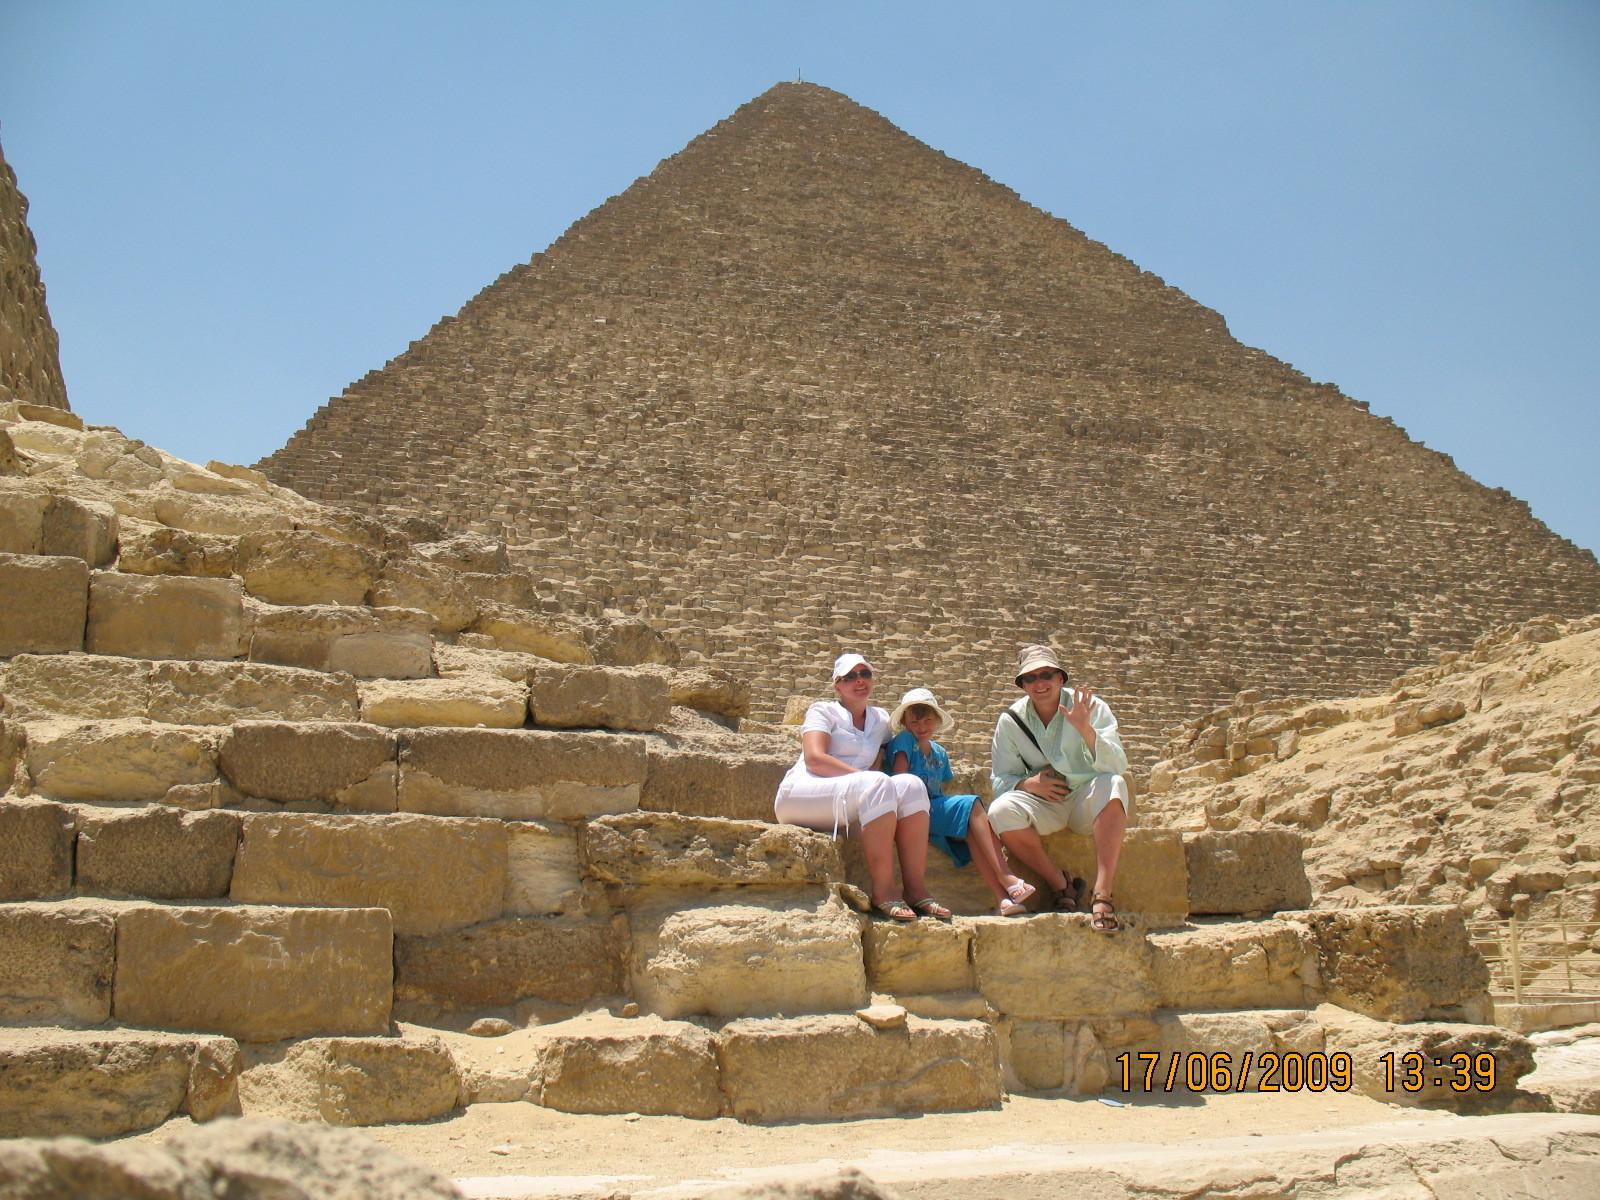 Топ-20 достопримечательностей Египта, которые обязан увидеть каждый турист